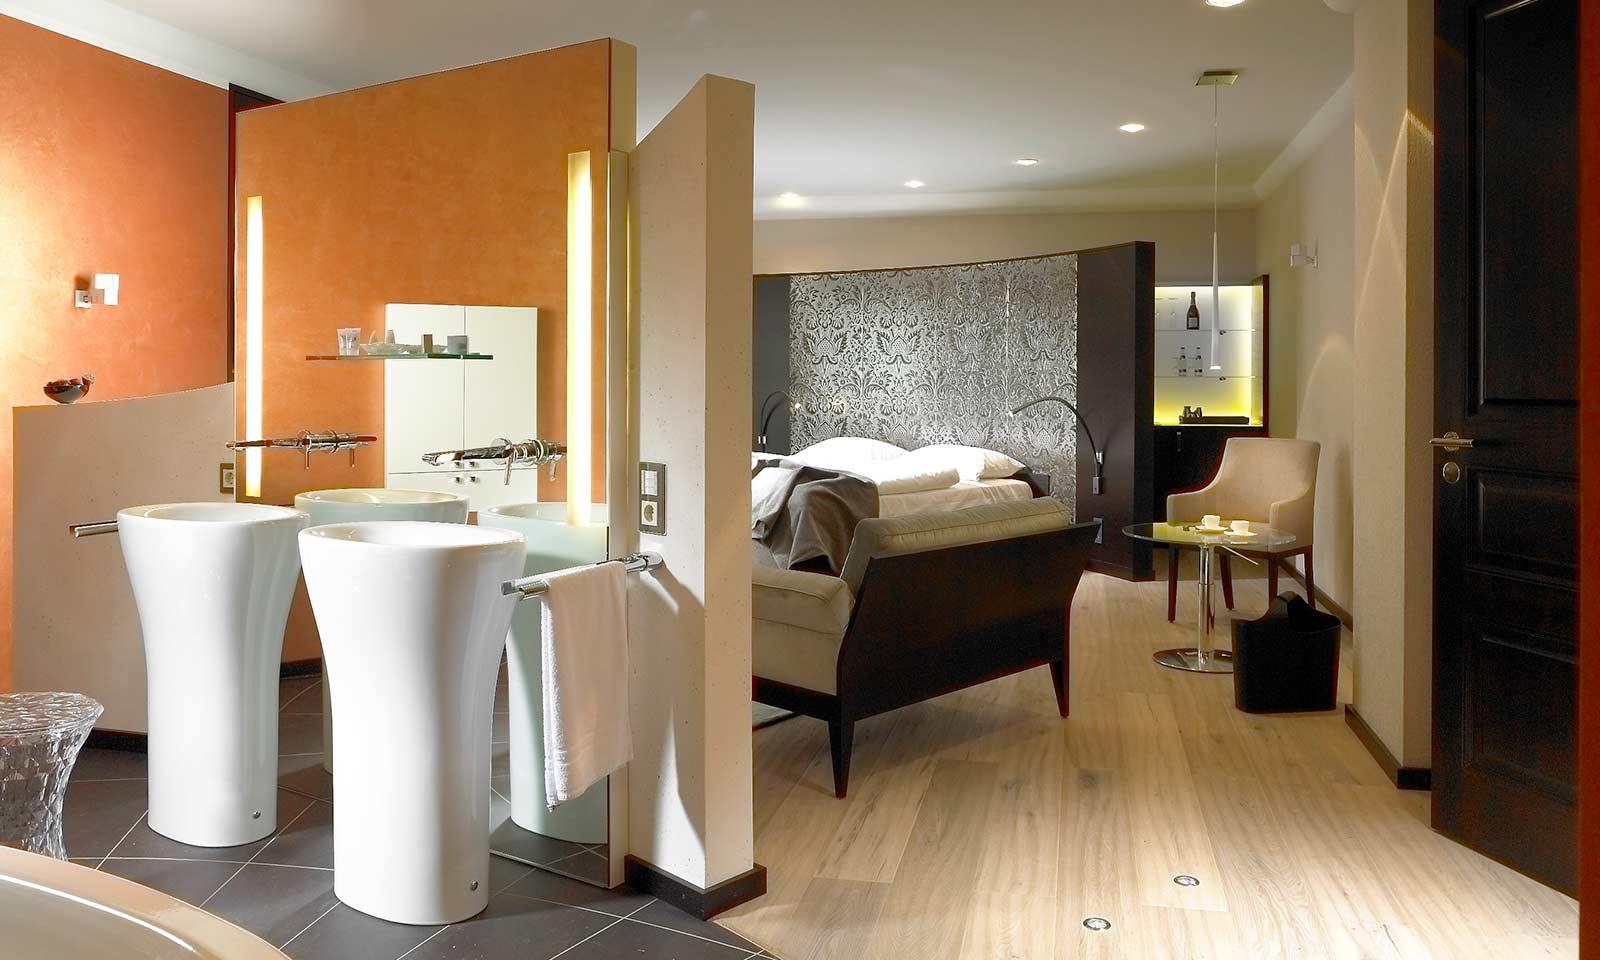 09-kreienbaum-generalunternehmer-hotel